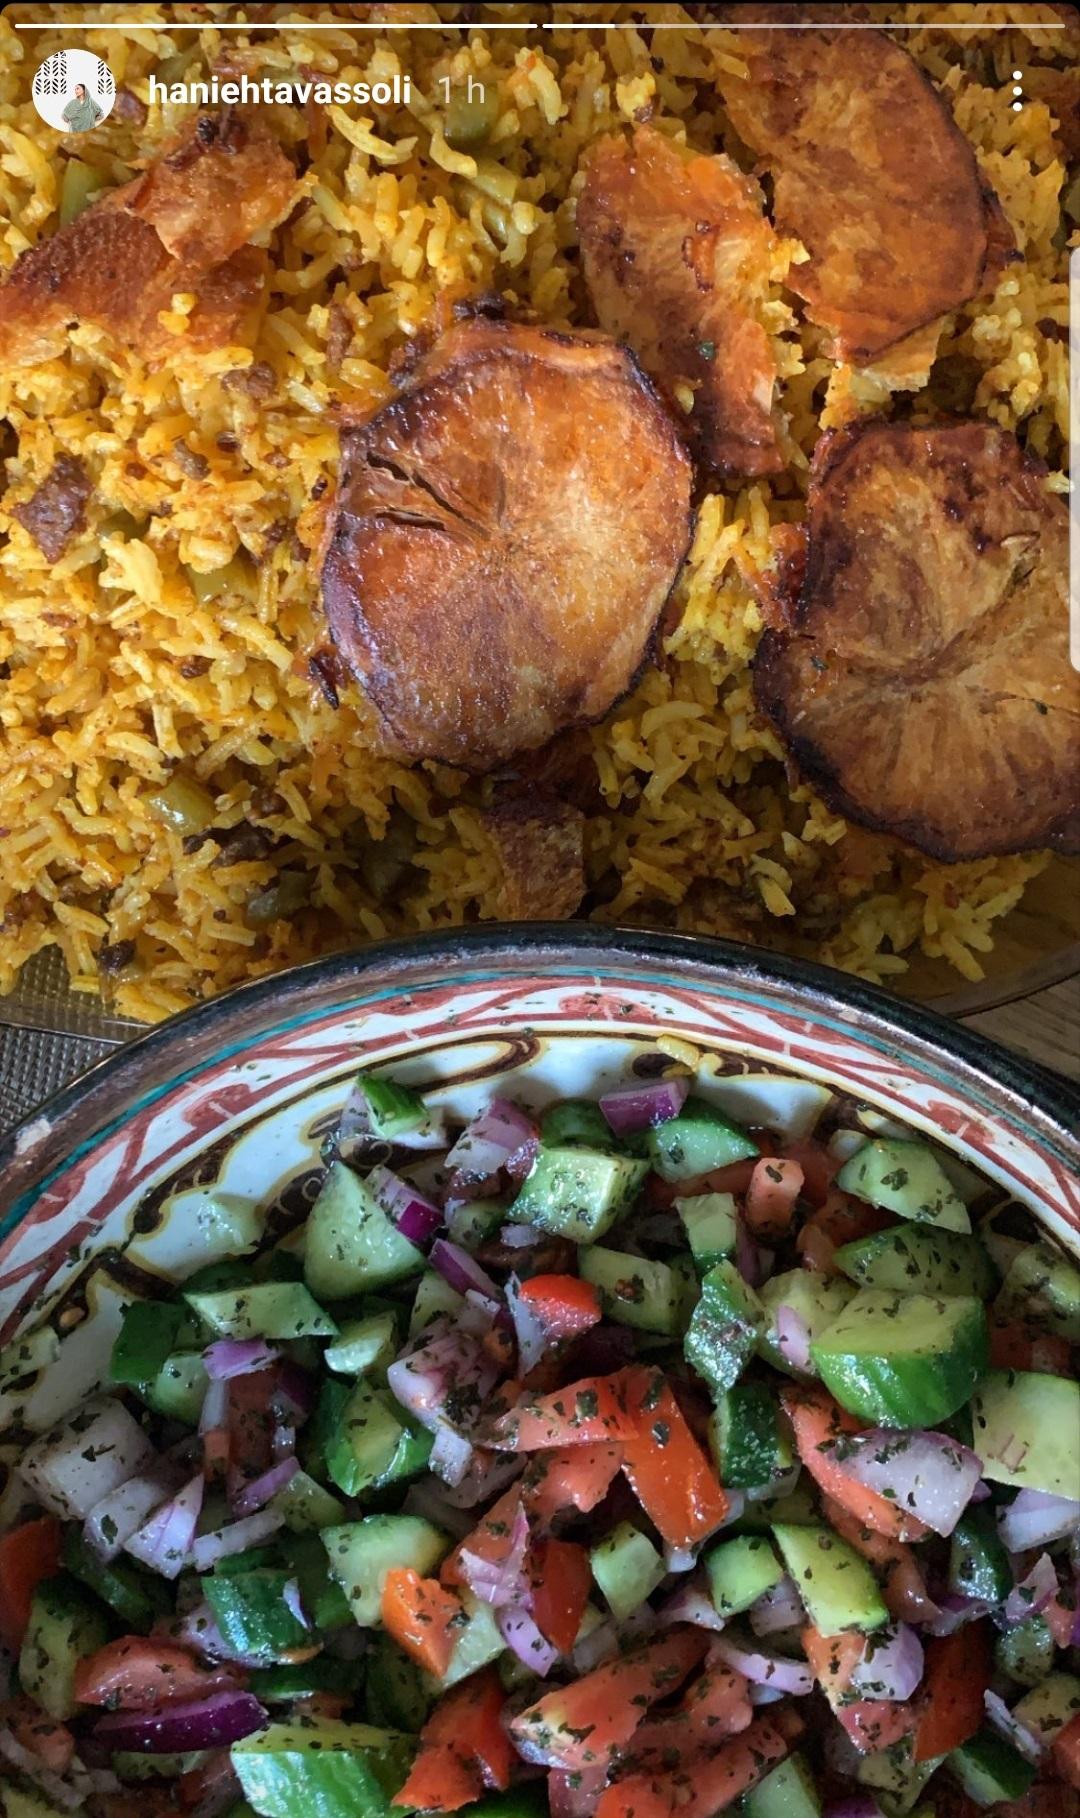 ناهار امروز هانیه توسلی با دستپخت خودش +عکس